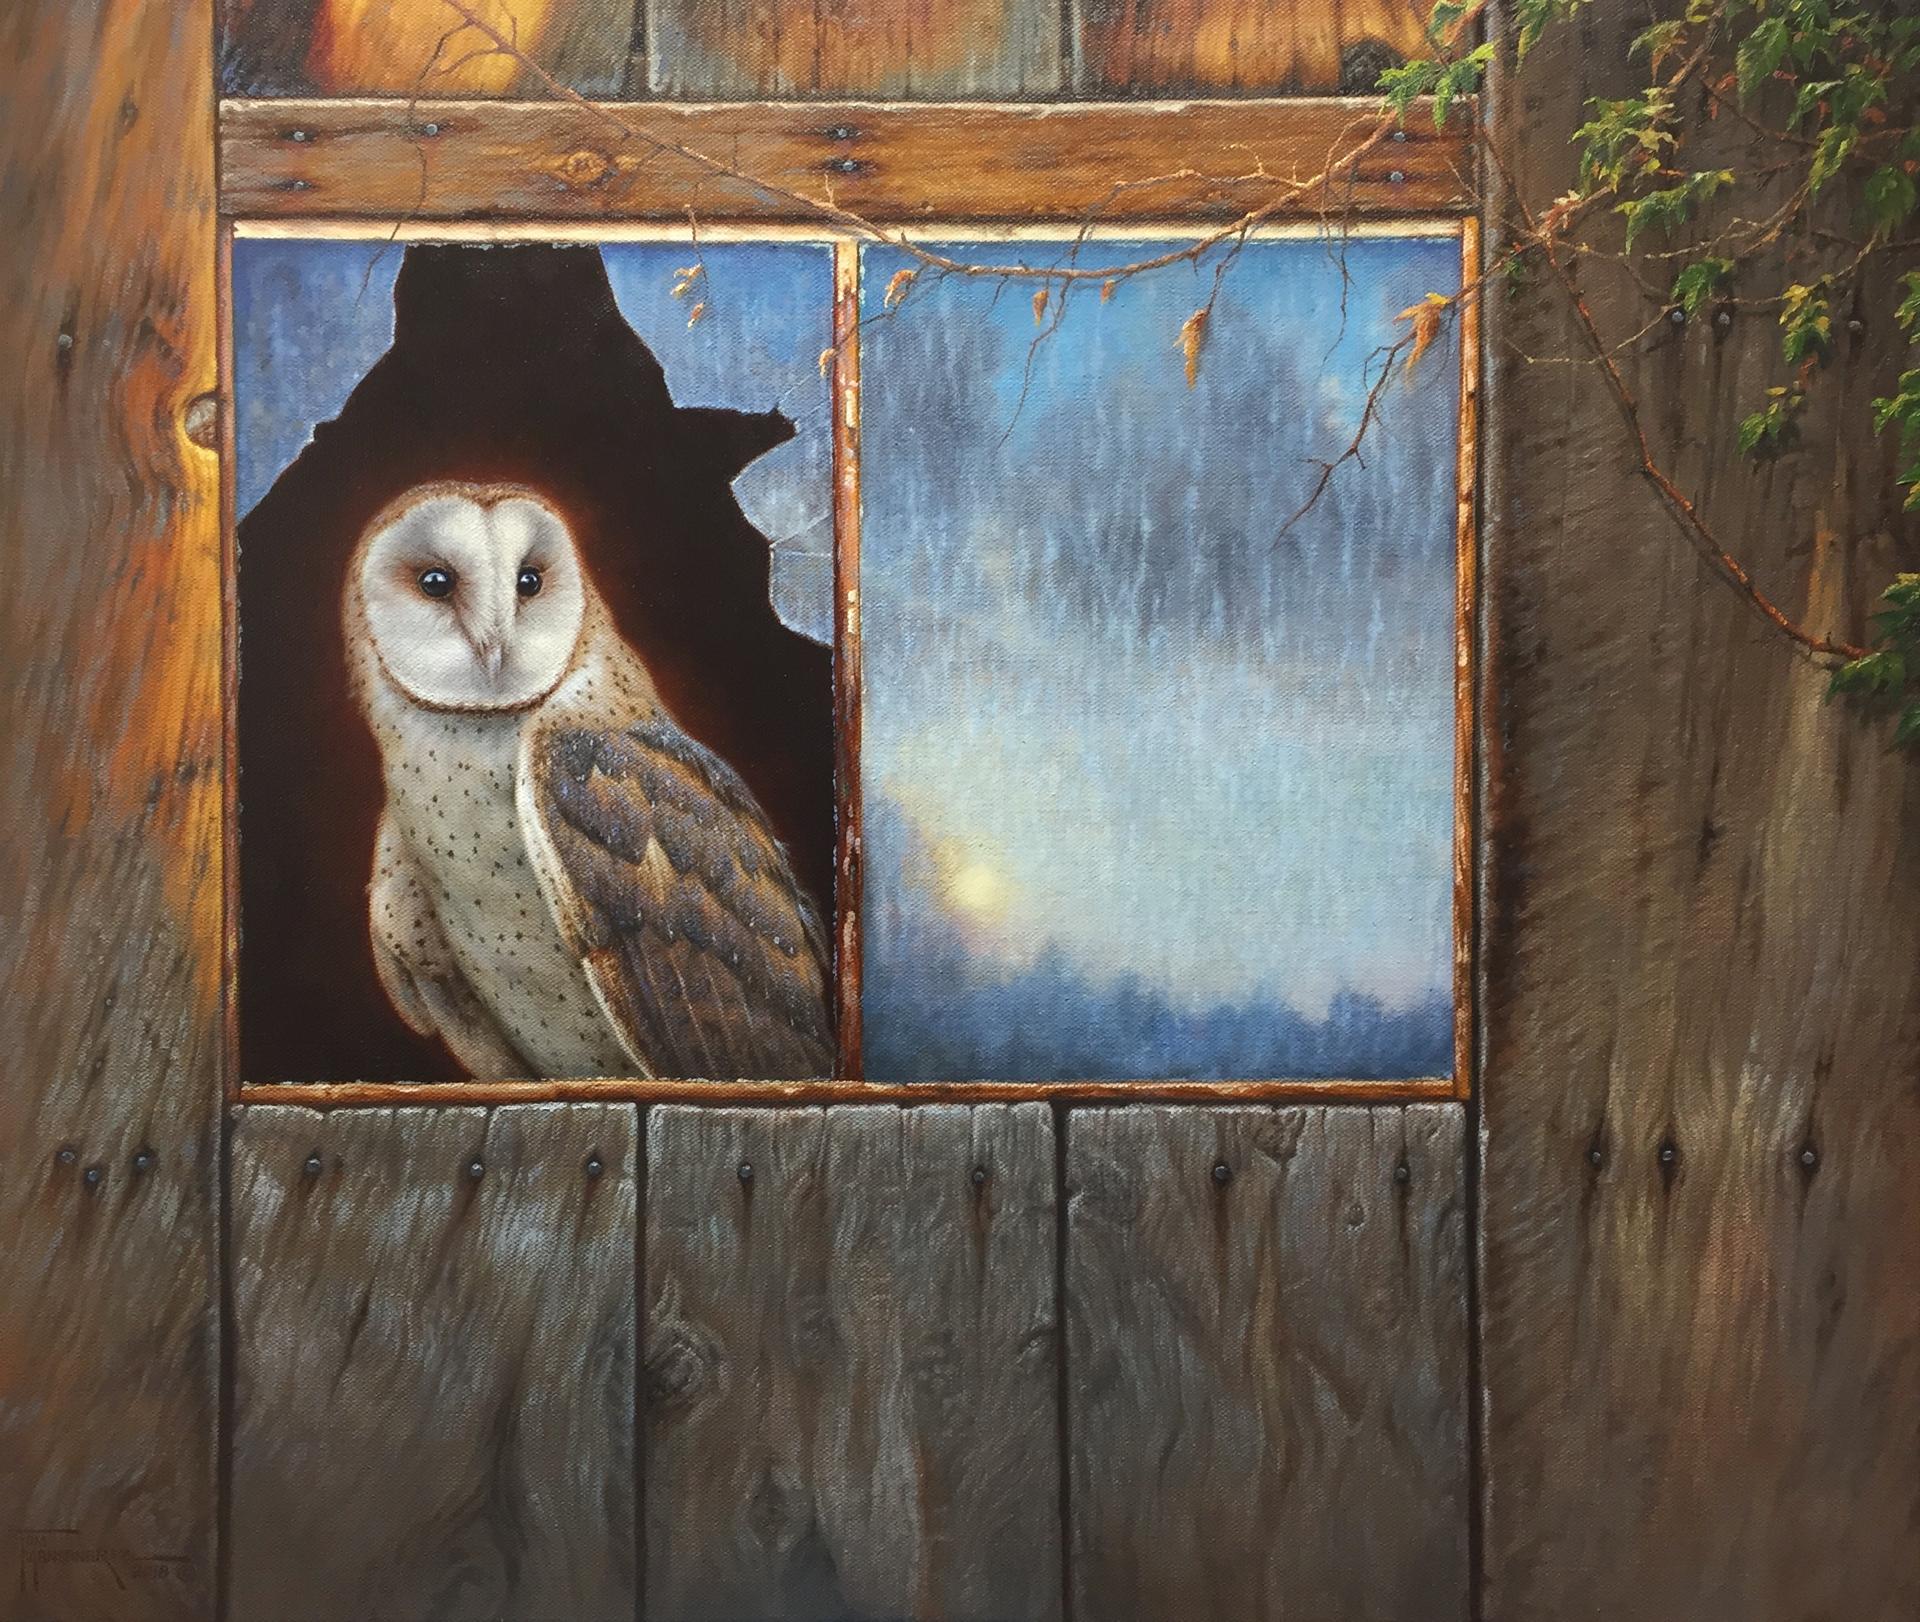 Twilight by Tom Mansanarez